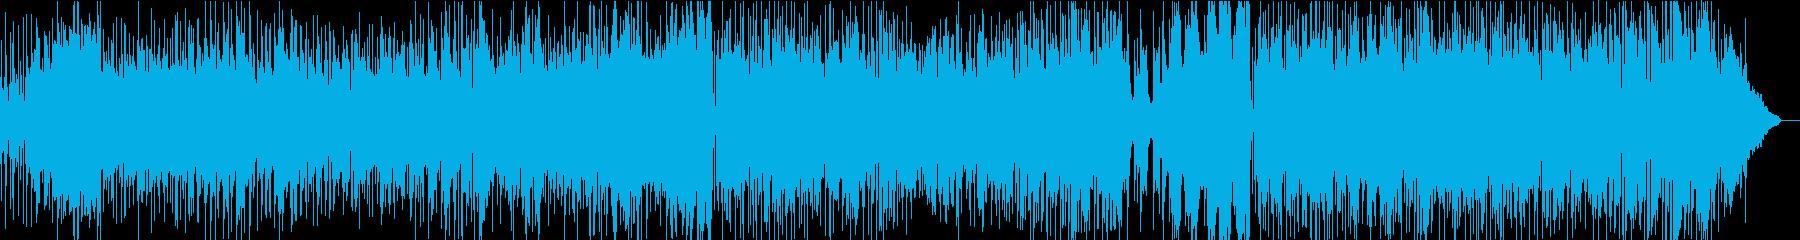 オシャレなカフェ風BGMの再生済みの波形